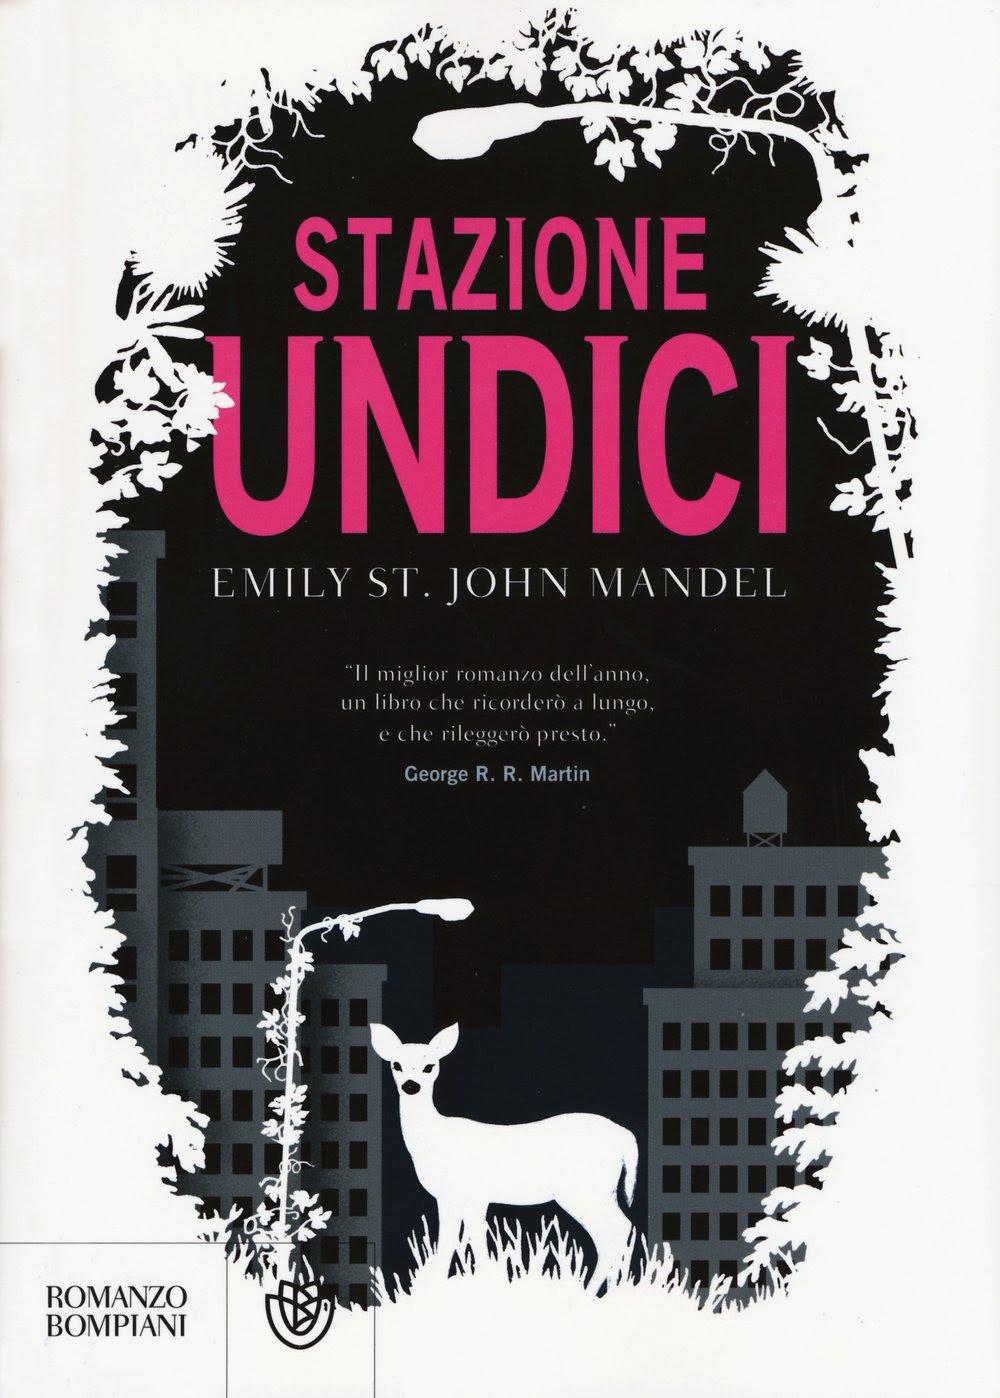 ... Book: [Oggi in Libreria] Stazione undici di Emily St. John Mandel